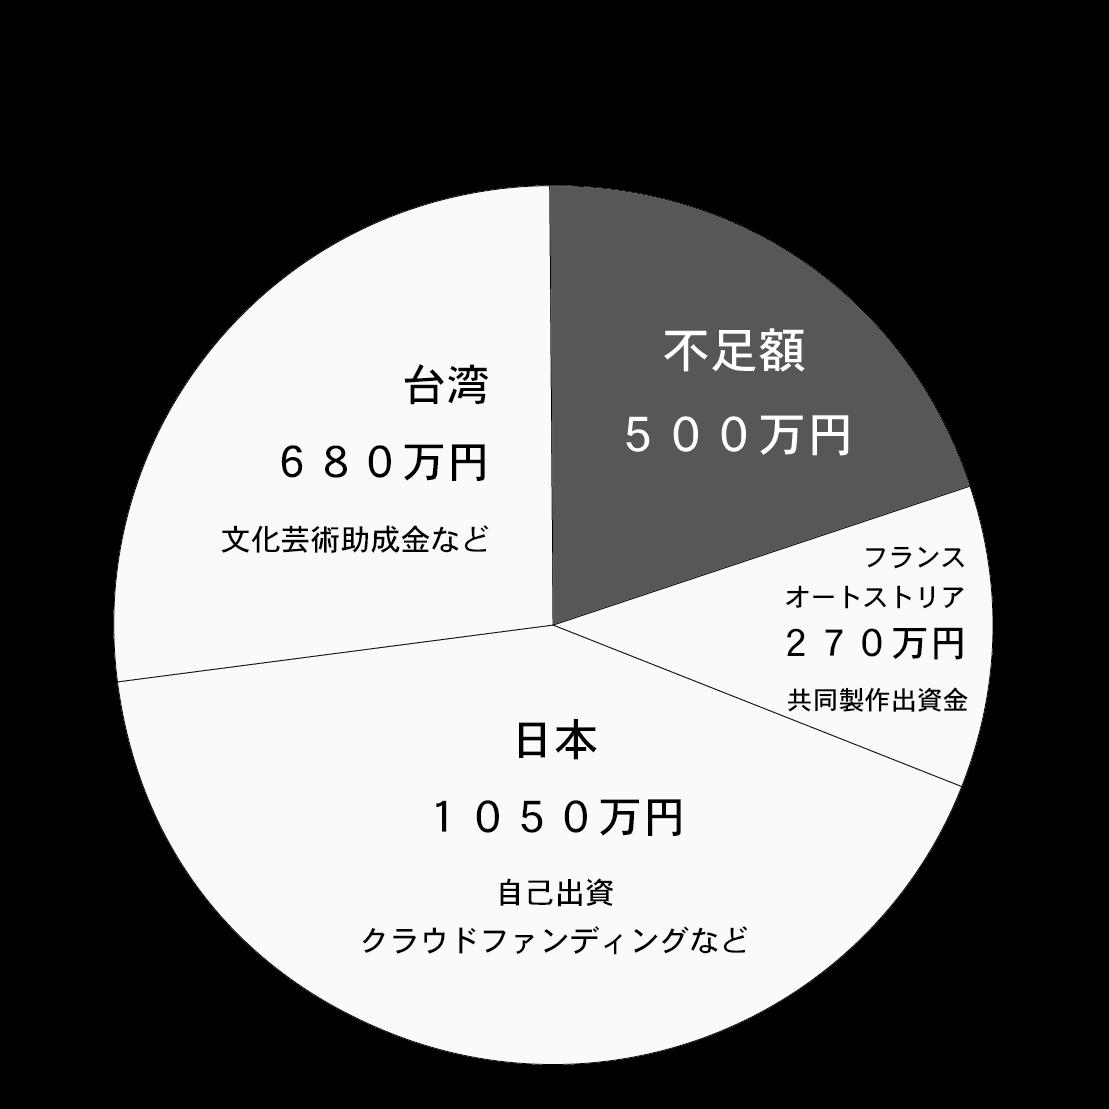 予算内訳グラフ『緑の牢獄』